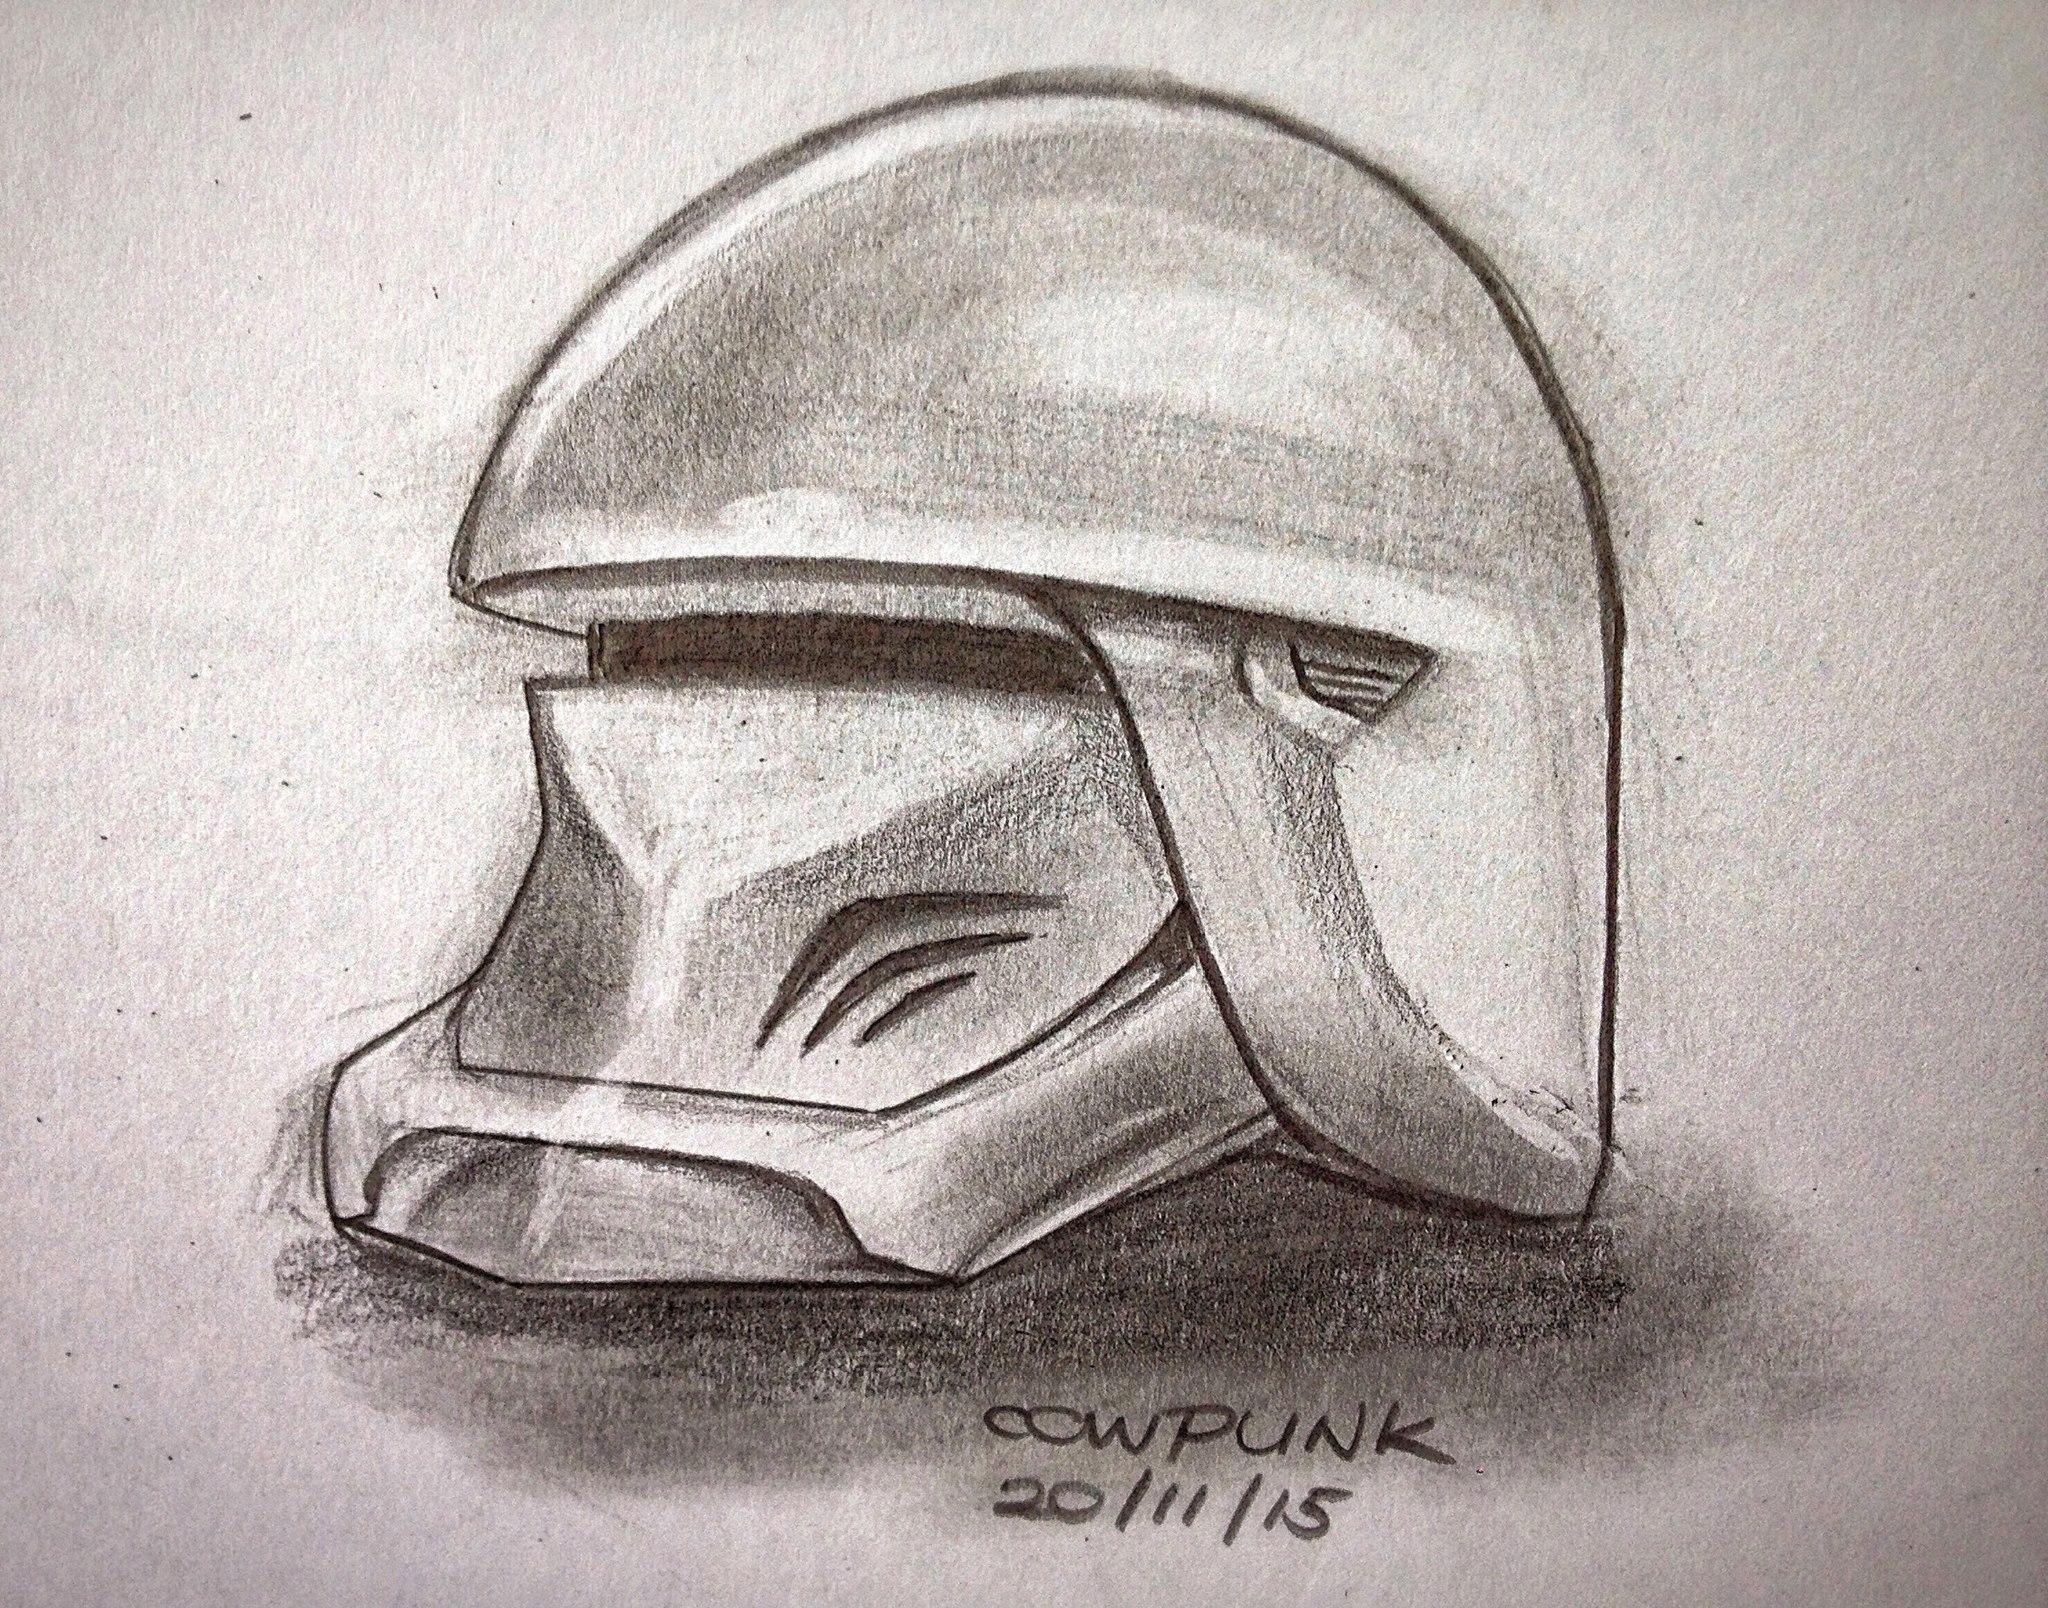 Storm Trooper Helmet Design